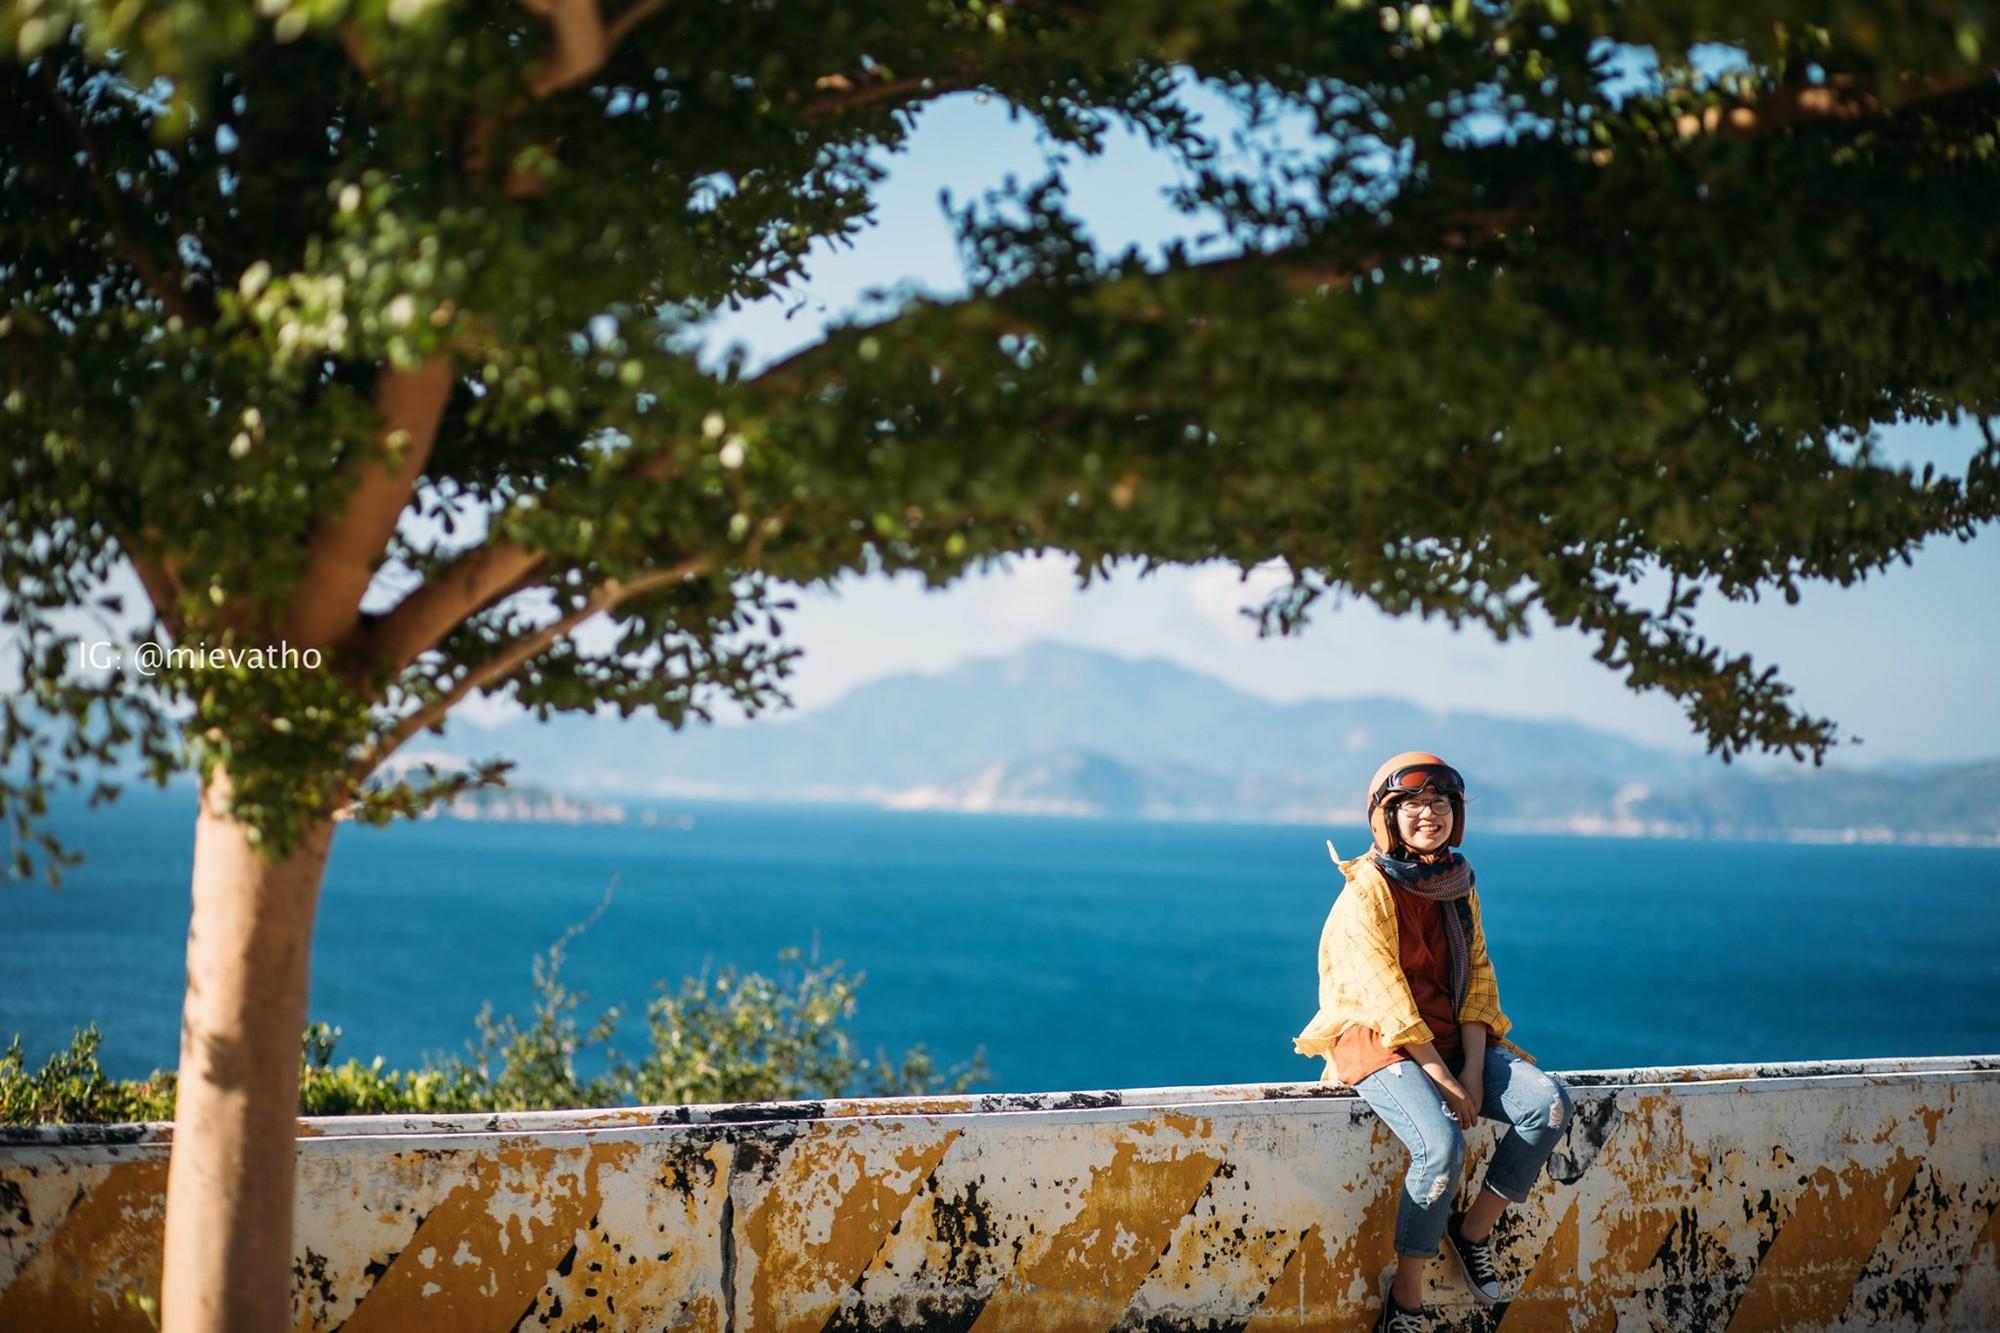 Bộ ảnh du lịch Ninh Thuận của cặp đôi đến từ Hà Nội khiến dân tình thích thú: Mới nhìn thôi đã thấy chill phết! - Ảnh 22.